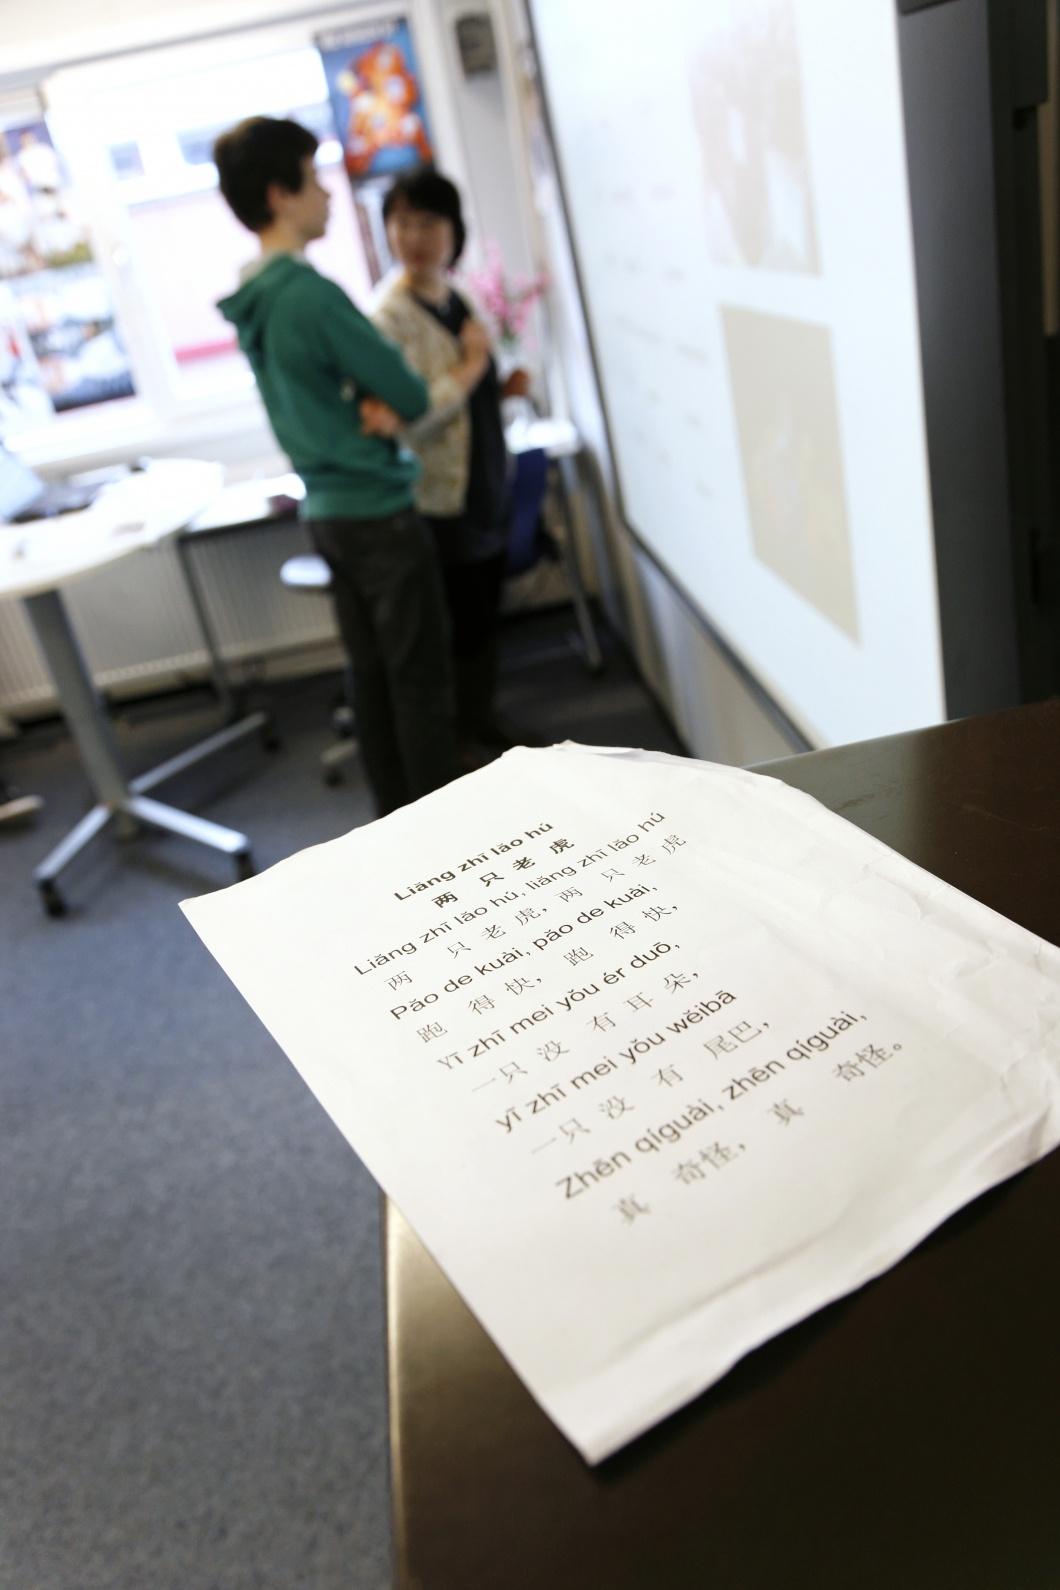 Vo Raad/Magazine, Maat Werkt ,Dronten, 30-11-2012